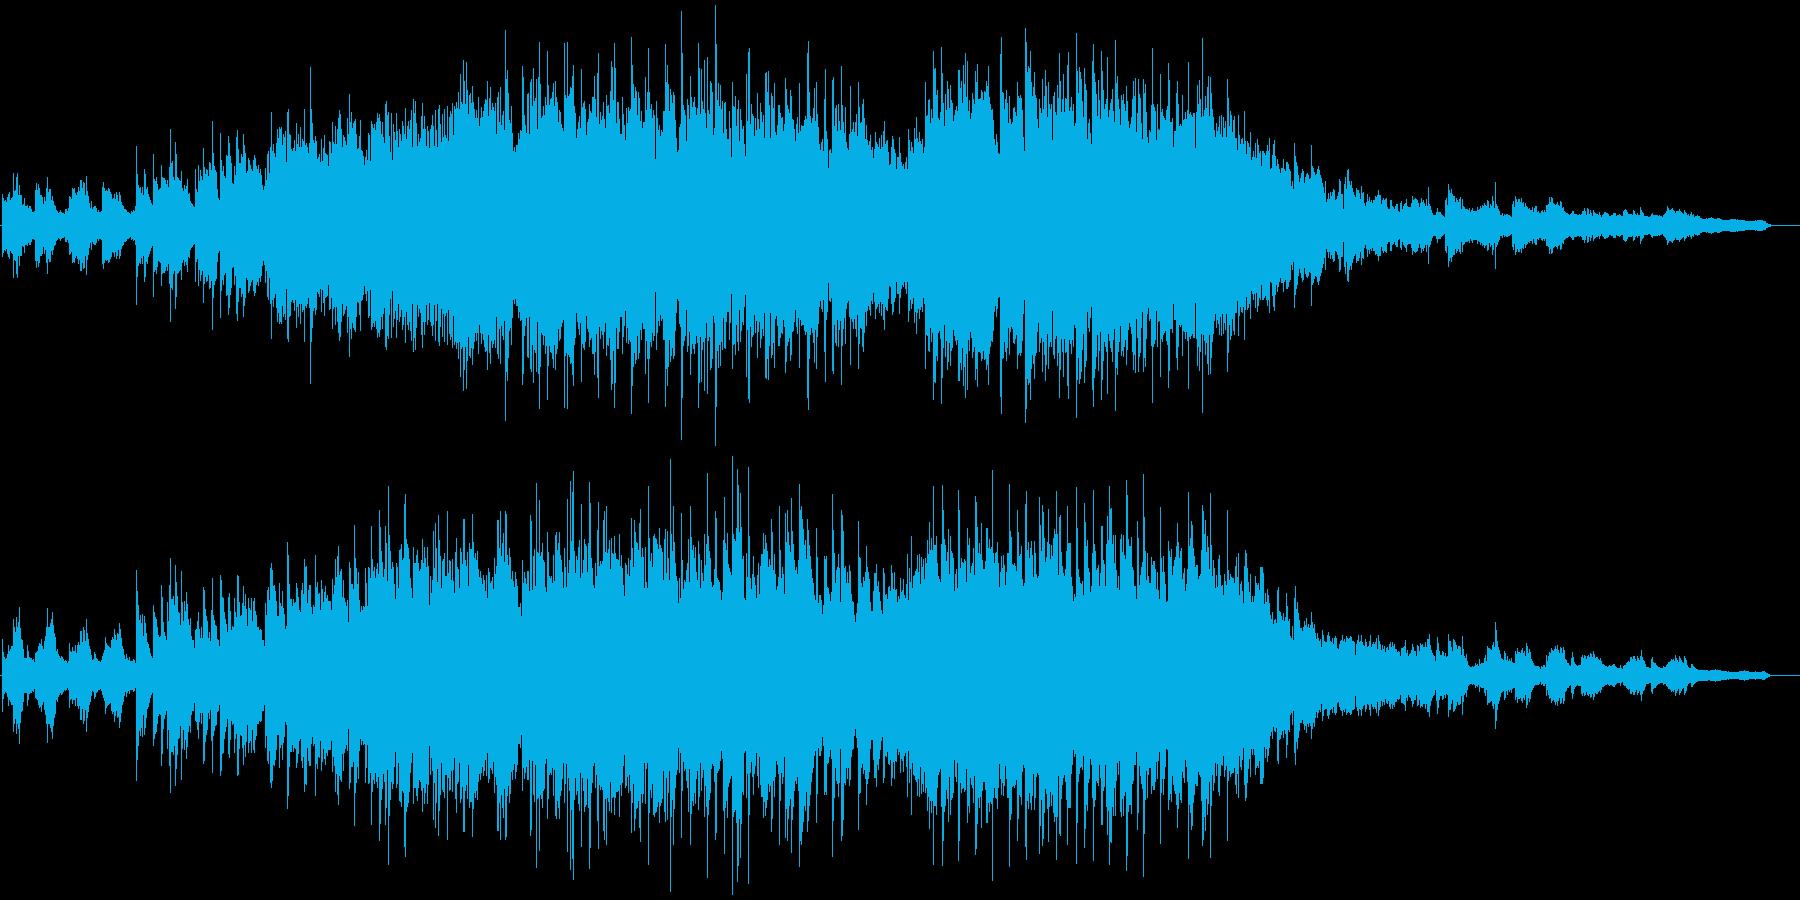 もの悲しくも激しいピアノバラードの再生済みの波形